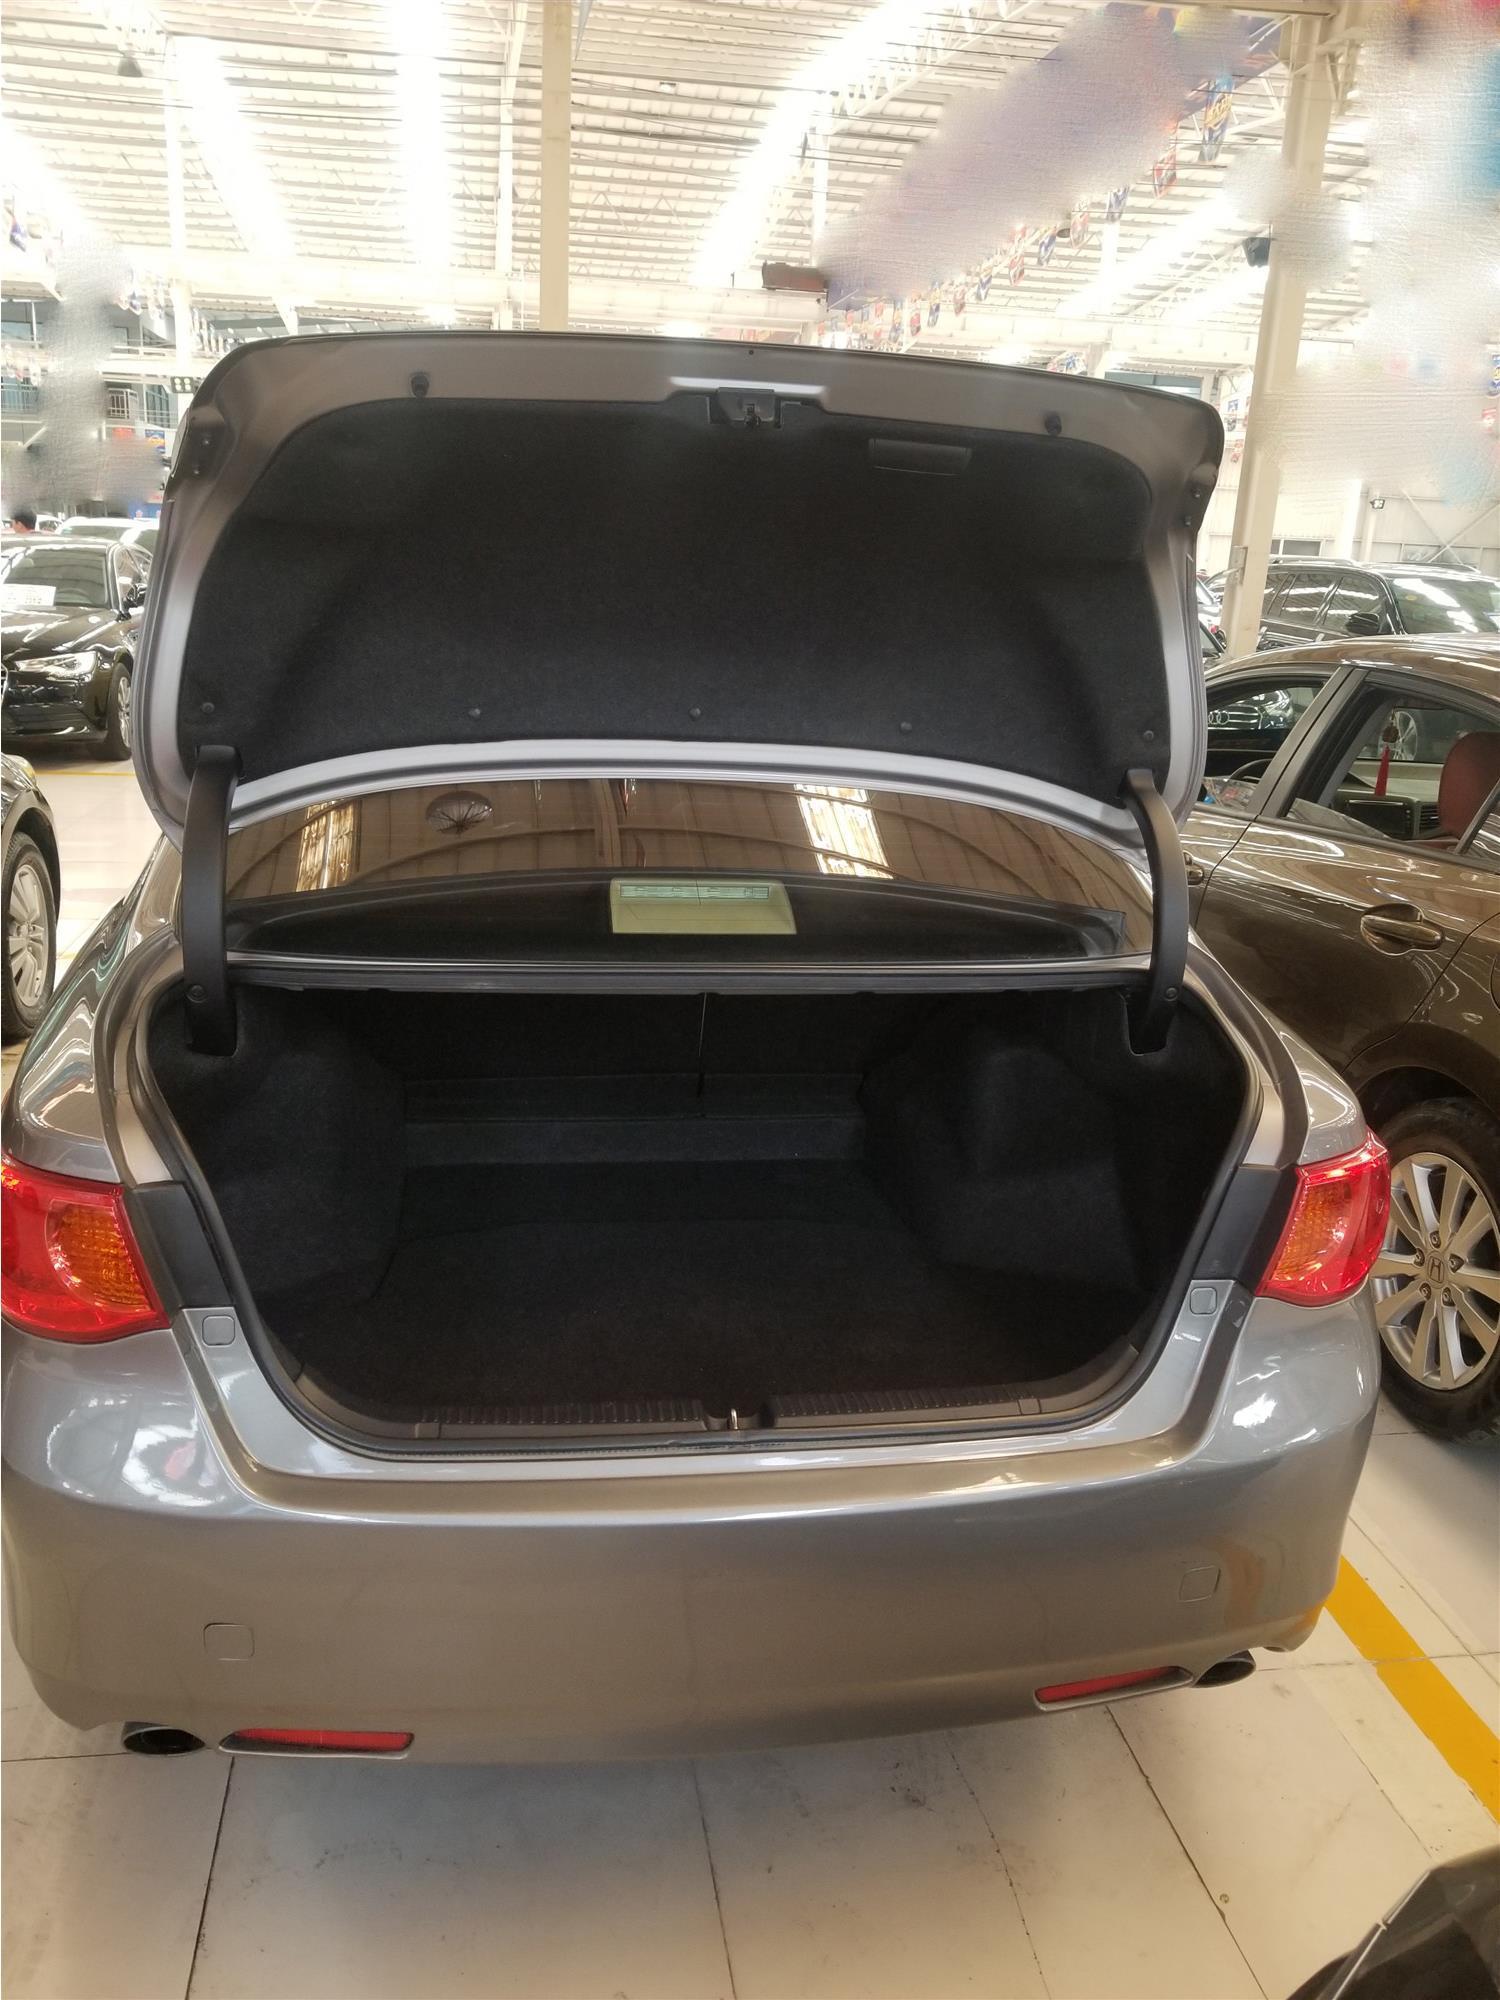 外表光鲜亮丽的丰田锐志,七年七万公里,售价:11万你怎么看